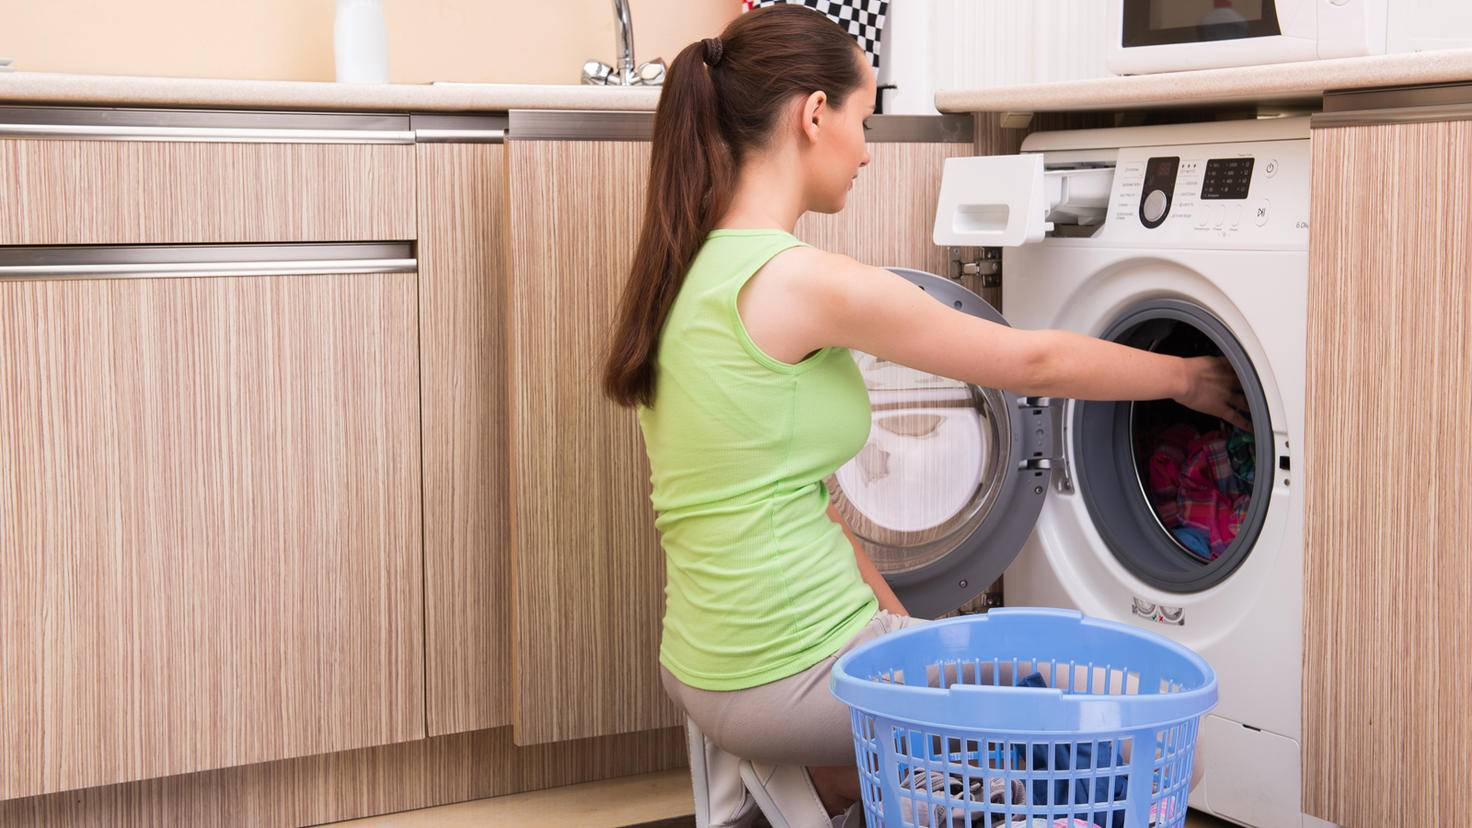 Waschmaschine-Frontlader-Frau-Elnur-AdobeStock_135987018